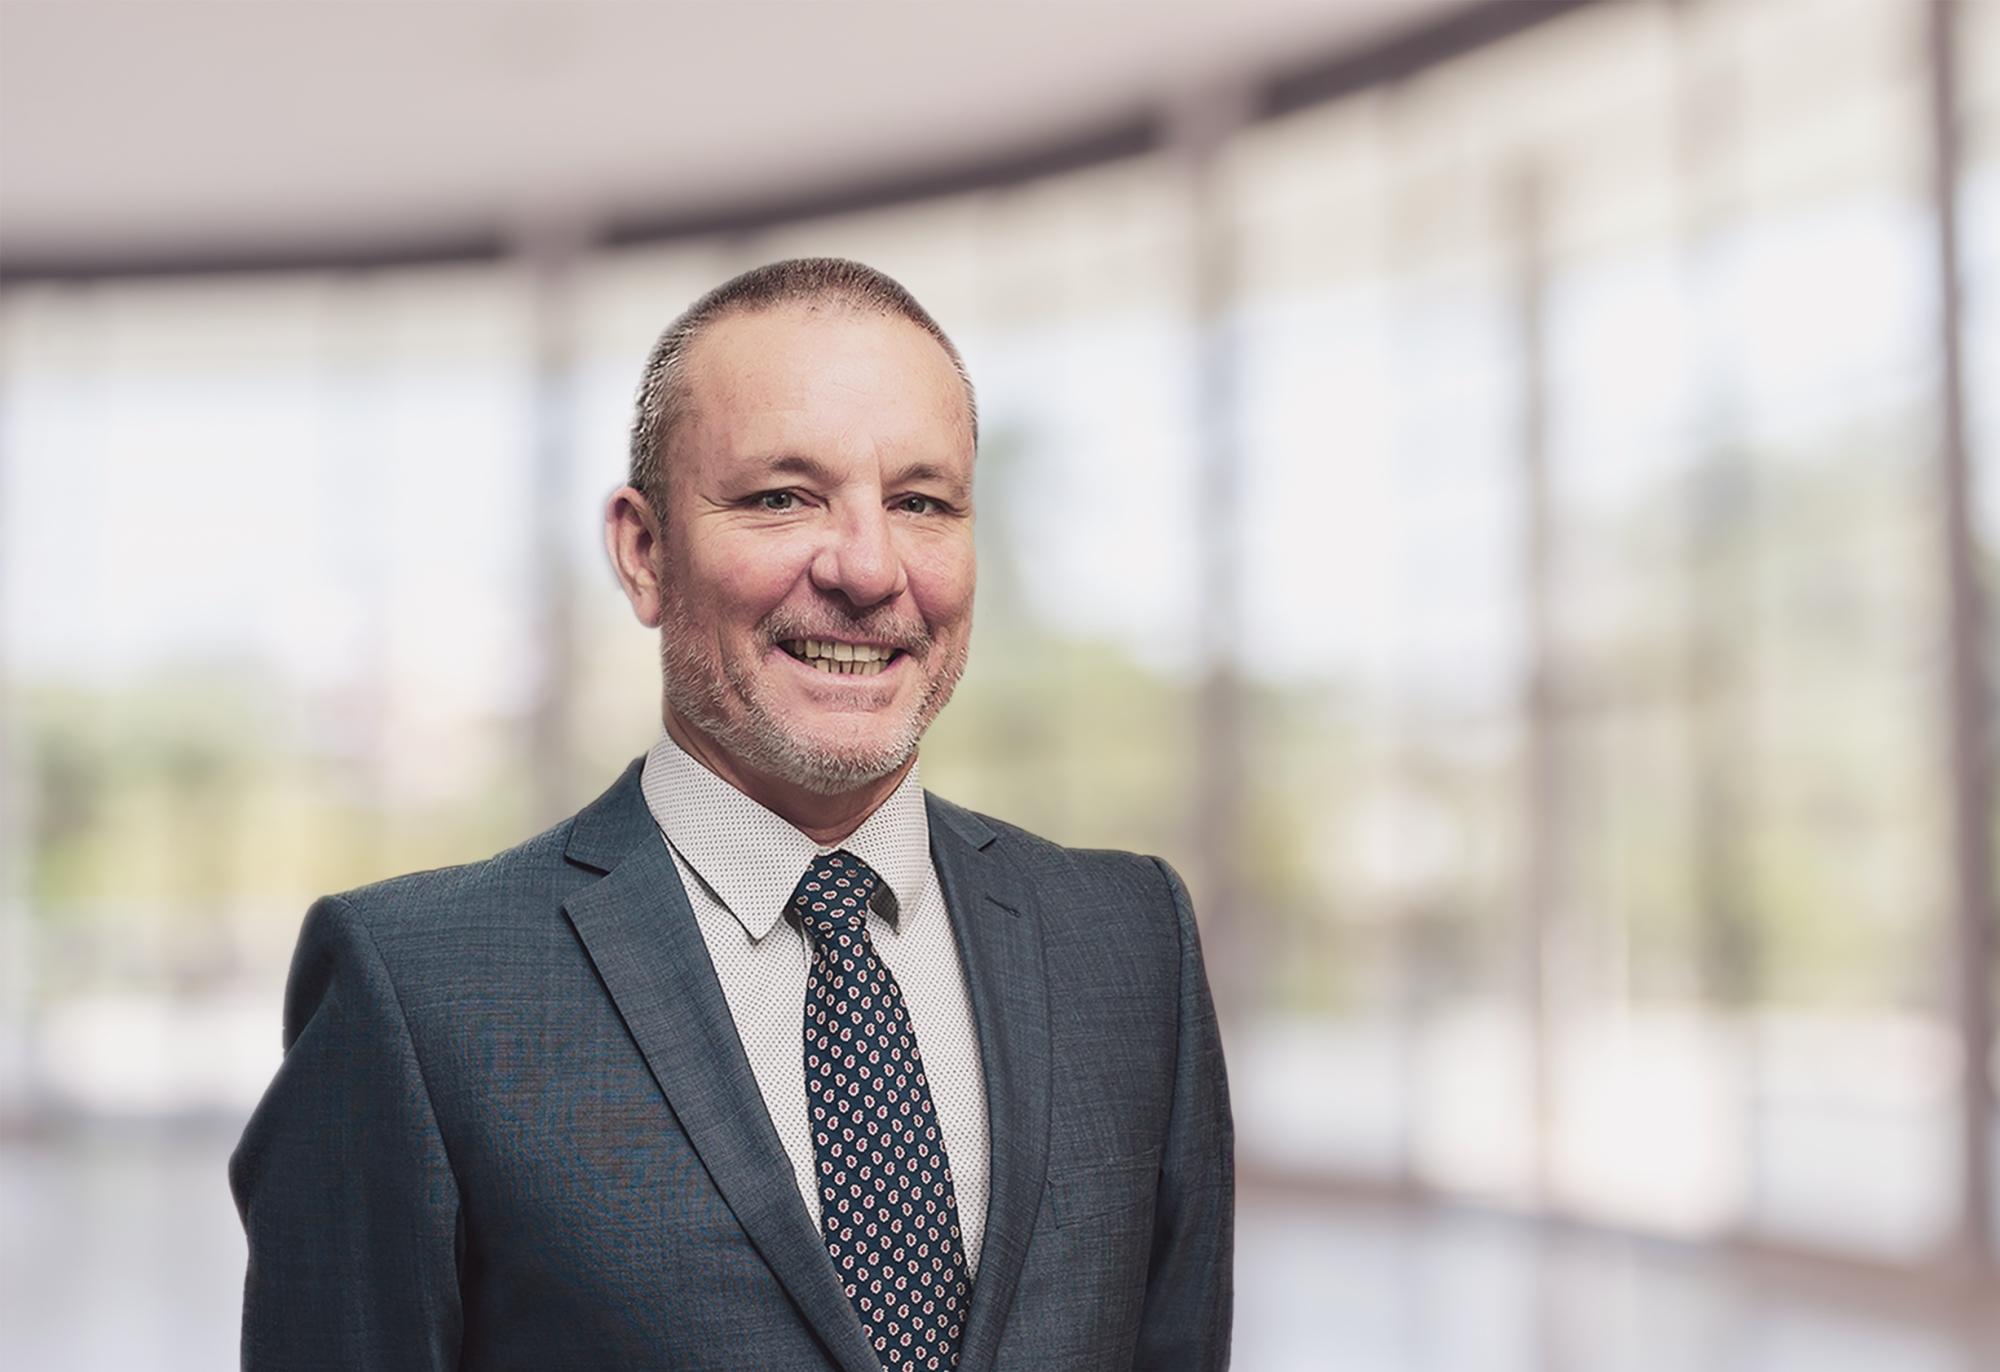 Phó Tổng Giám đốc Savills: BĐS công nghiệp sẽ tiếp tục là 'con cưng' của ngành bất động sản - Ảnh 1.